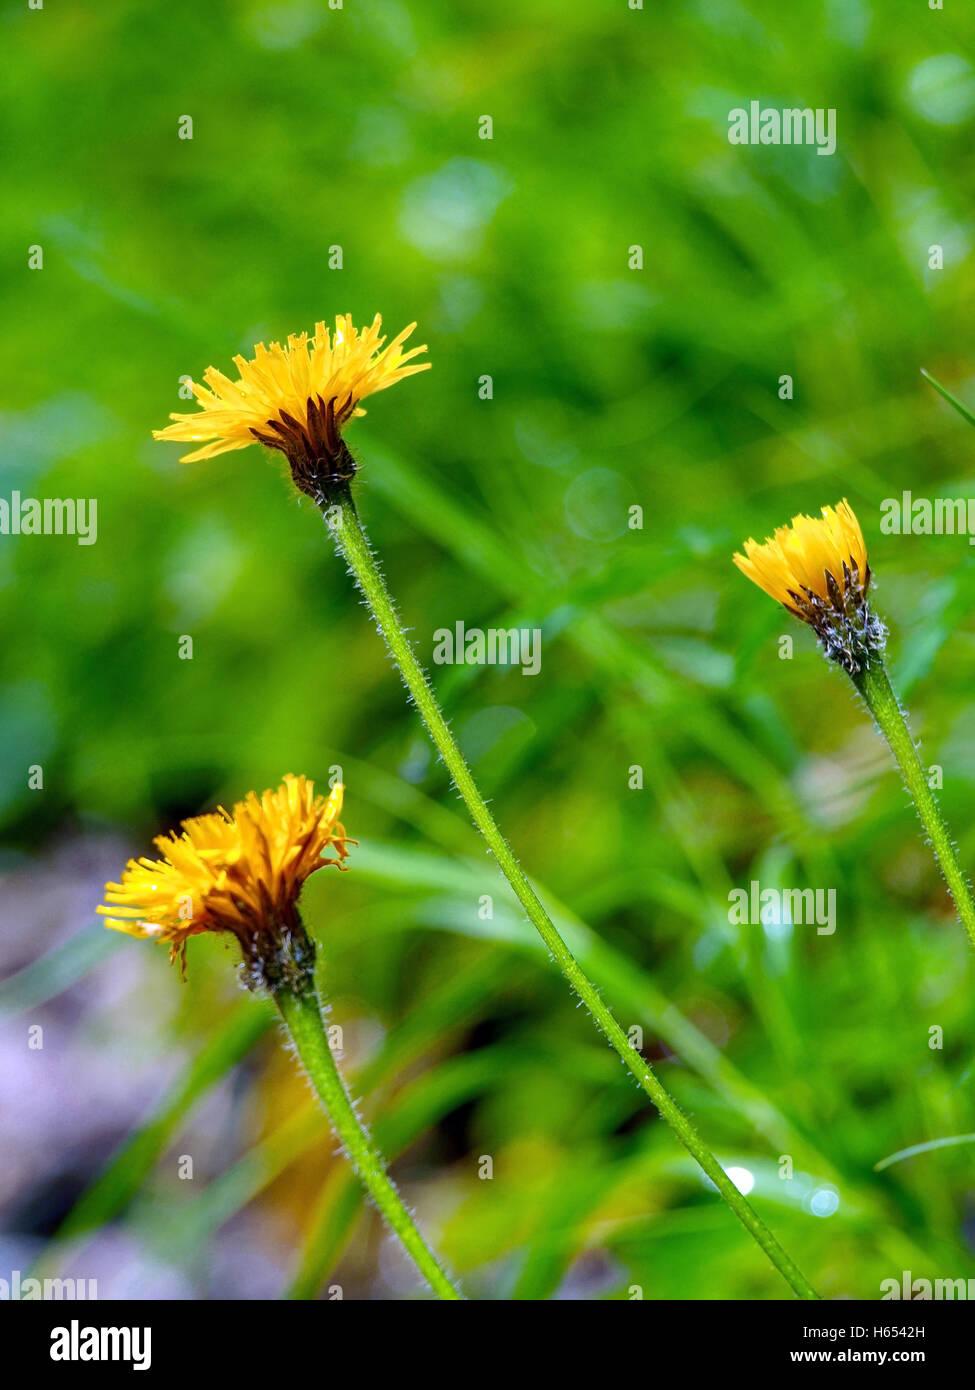 Fiori Di Campo Gialli.Fiori Gialli Basse Profondita Di Campo Sfondo Verde Foto